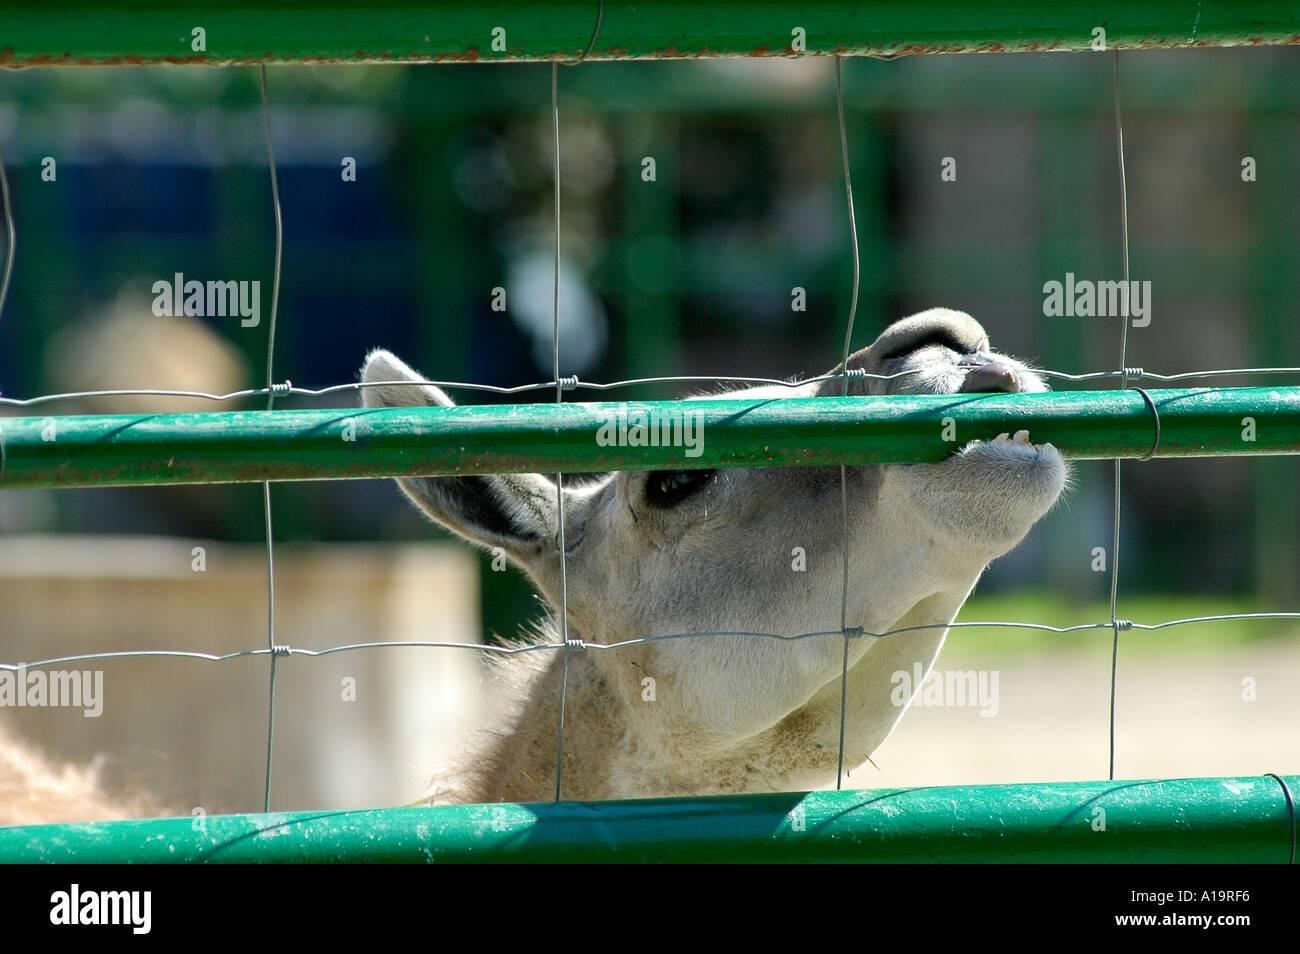 Guanaco at Barcelona s Zoo - Stock Image